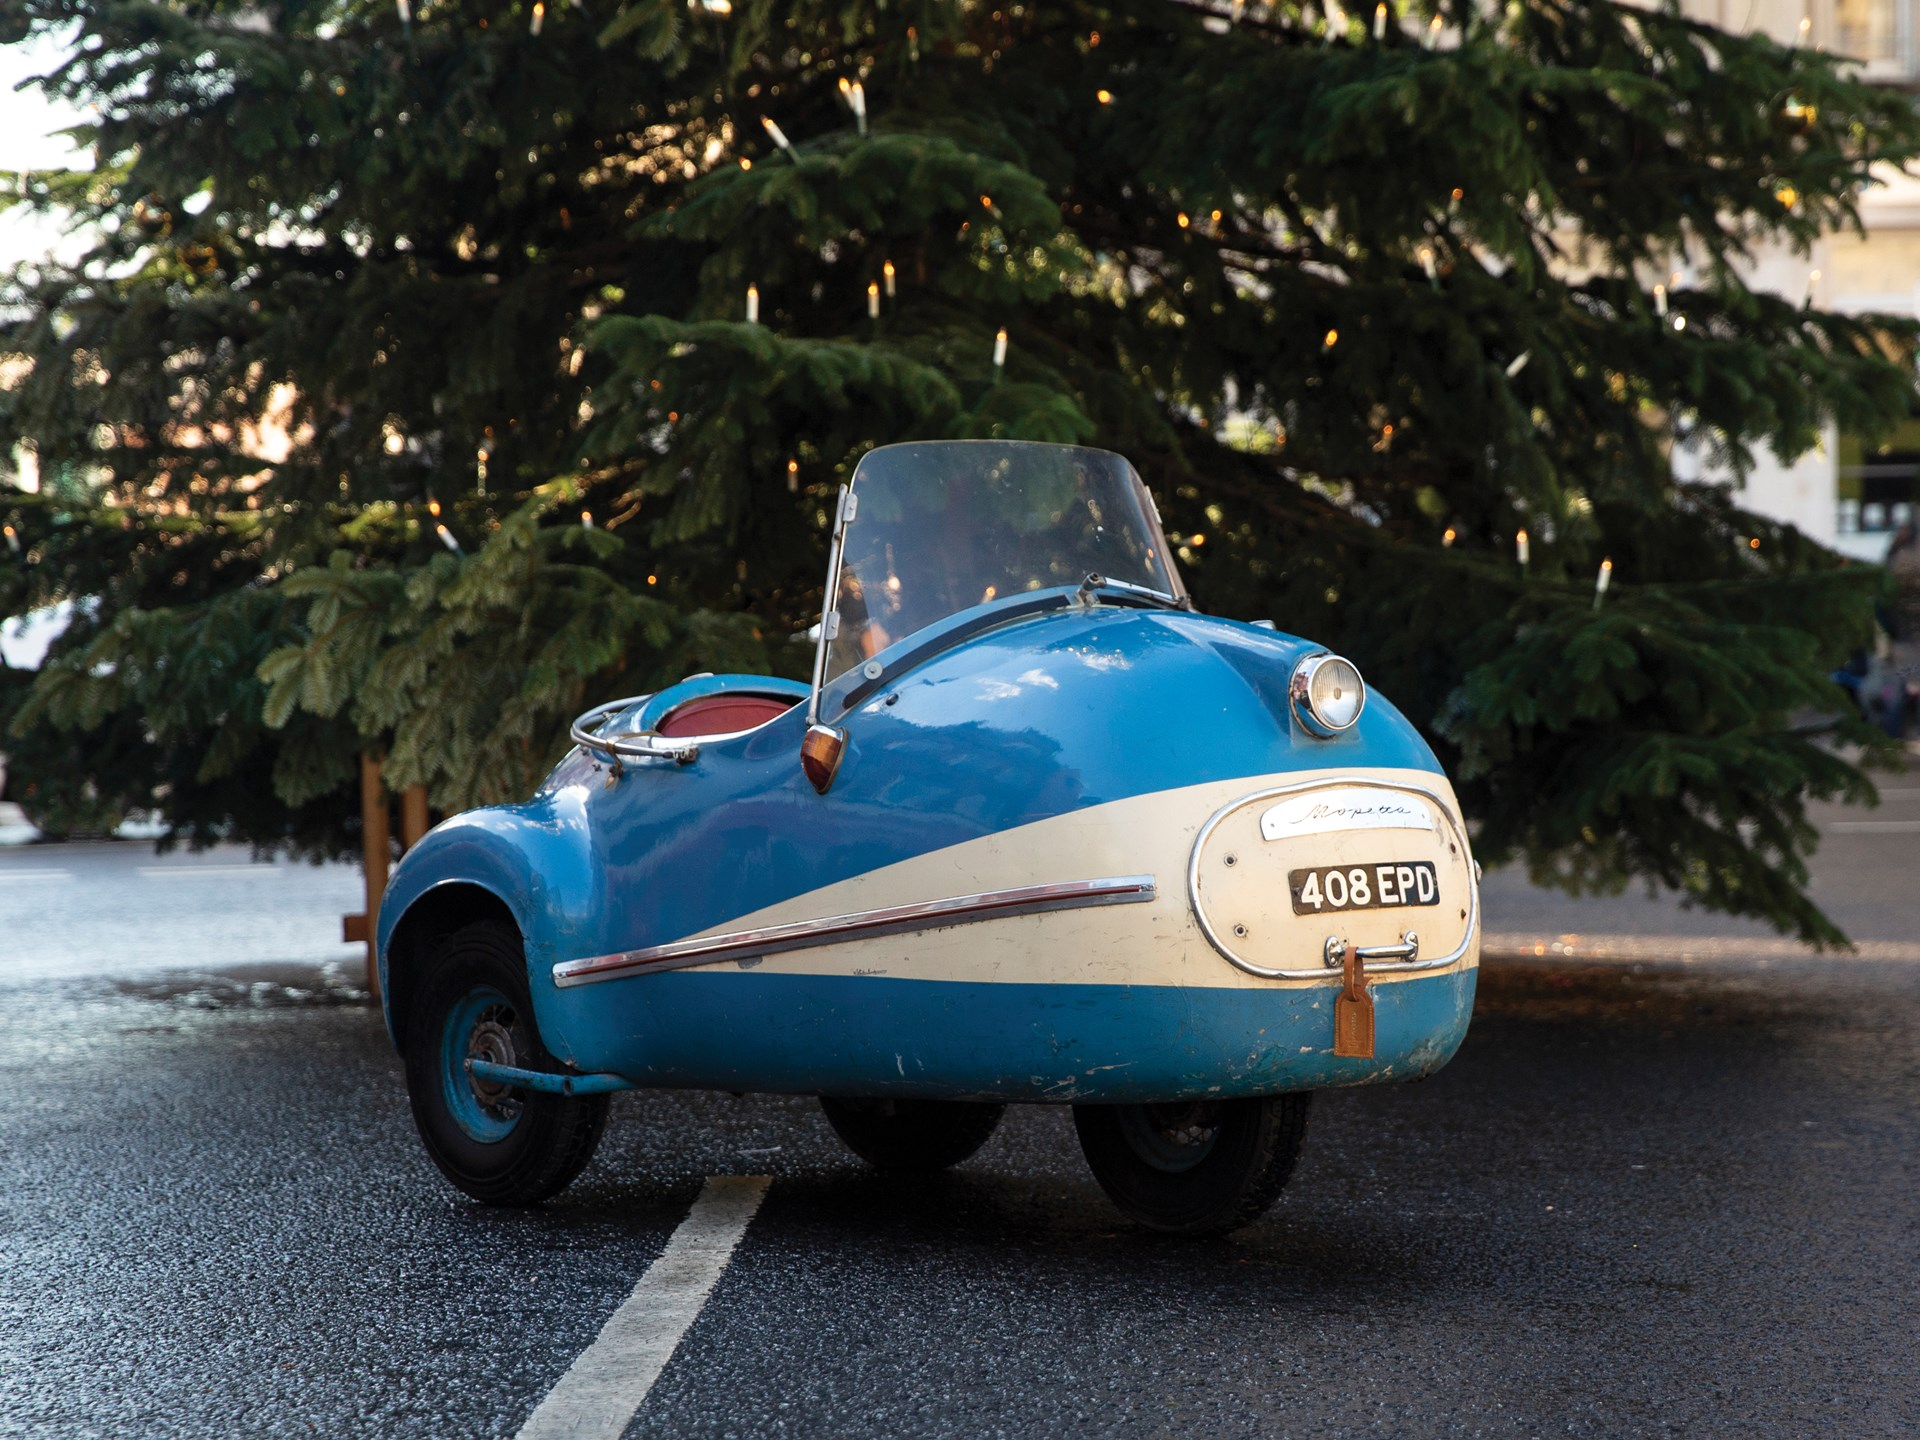 1957 Brütsch Mopetta blue 3/4